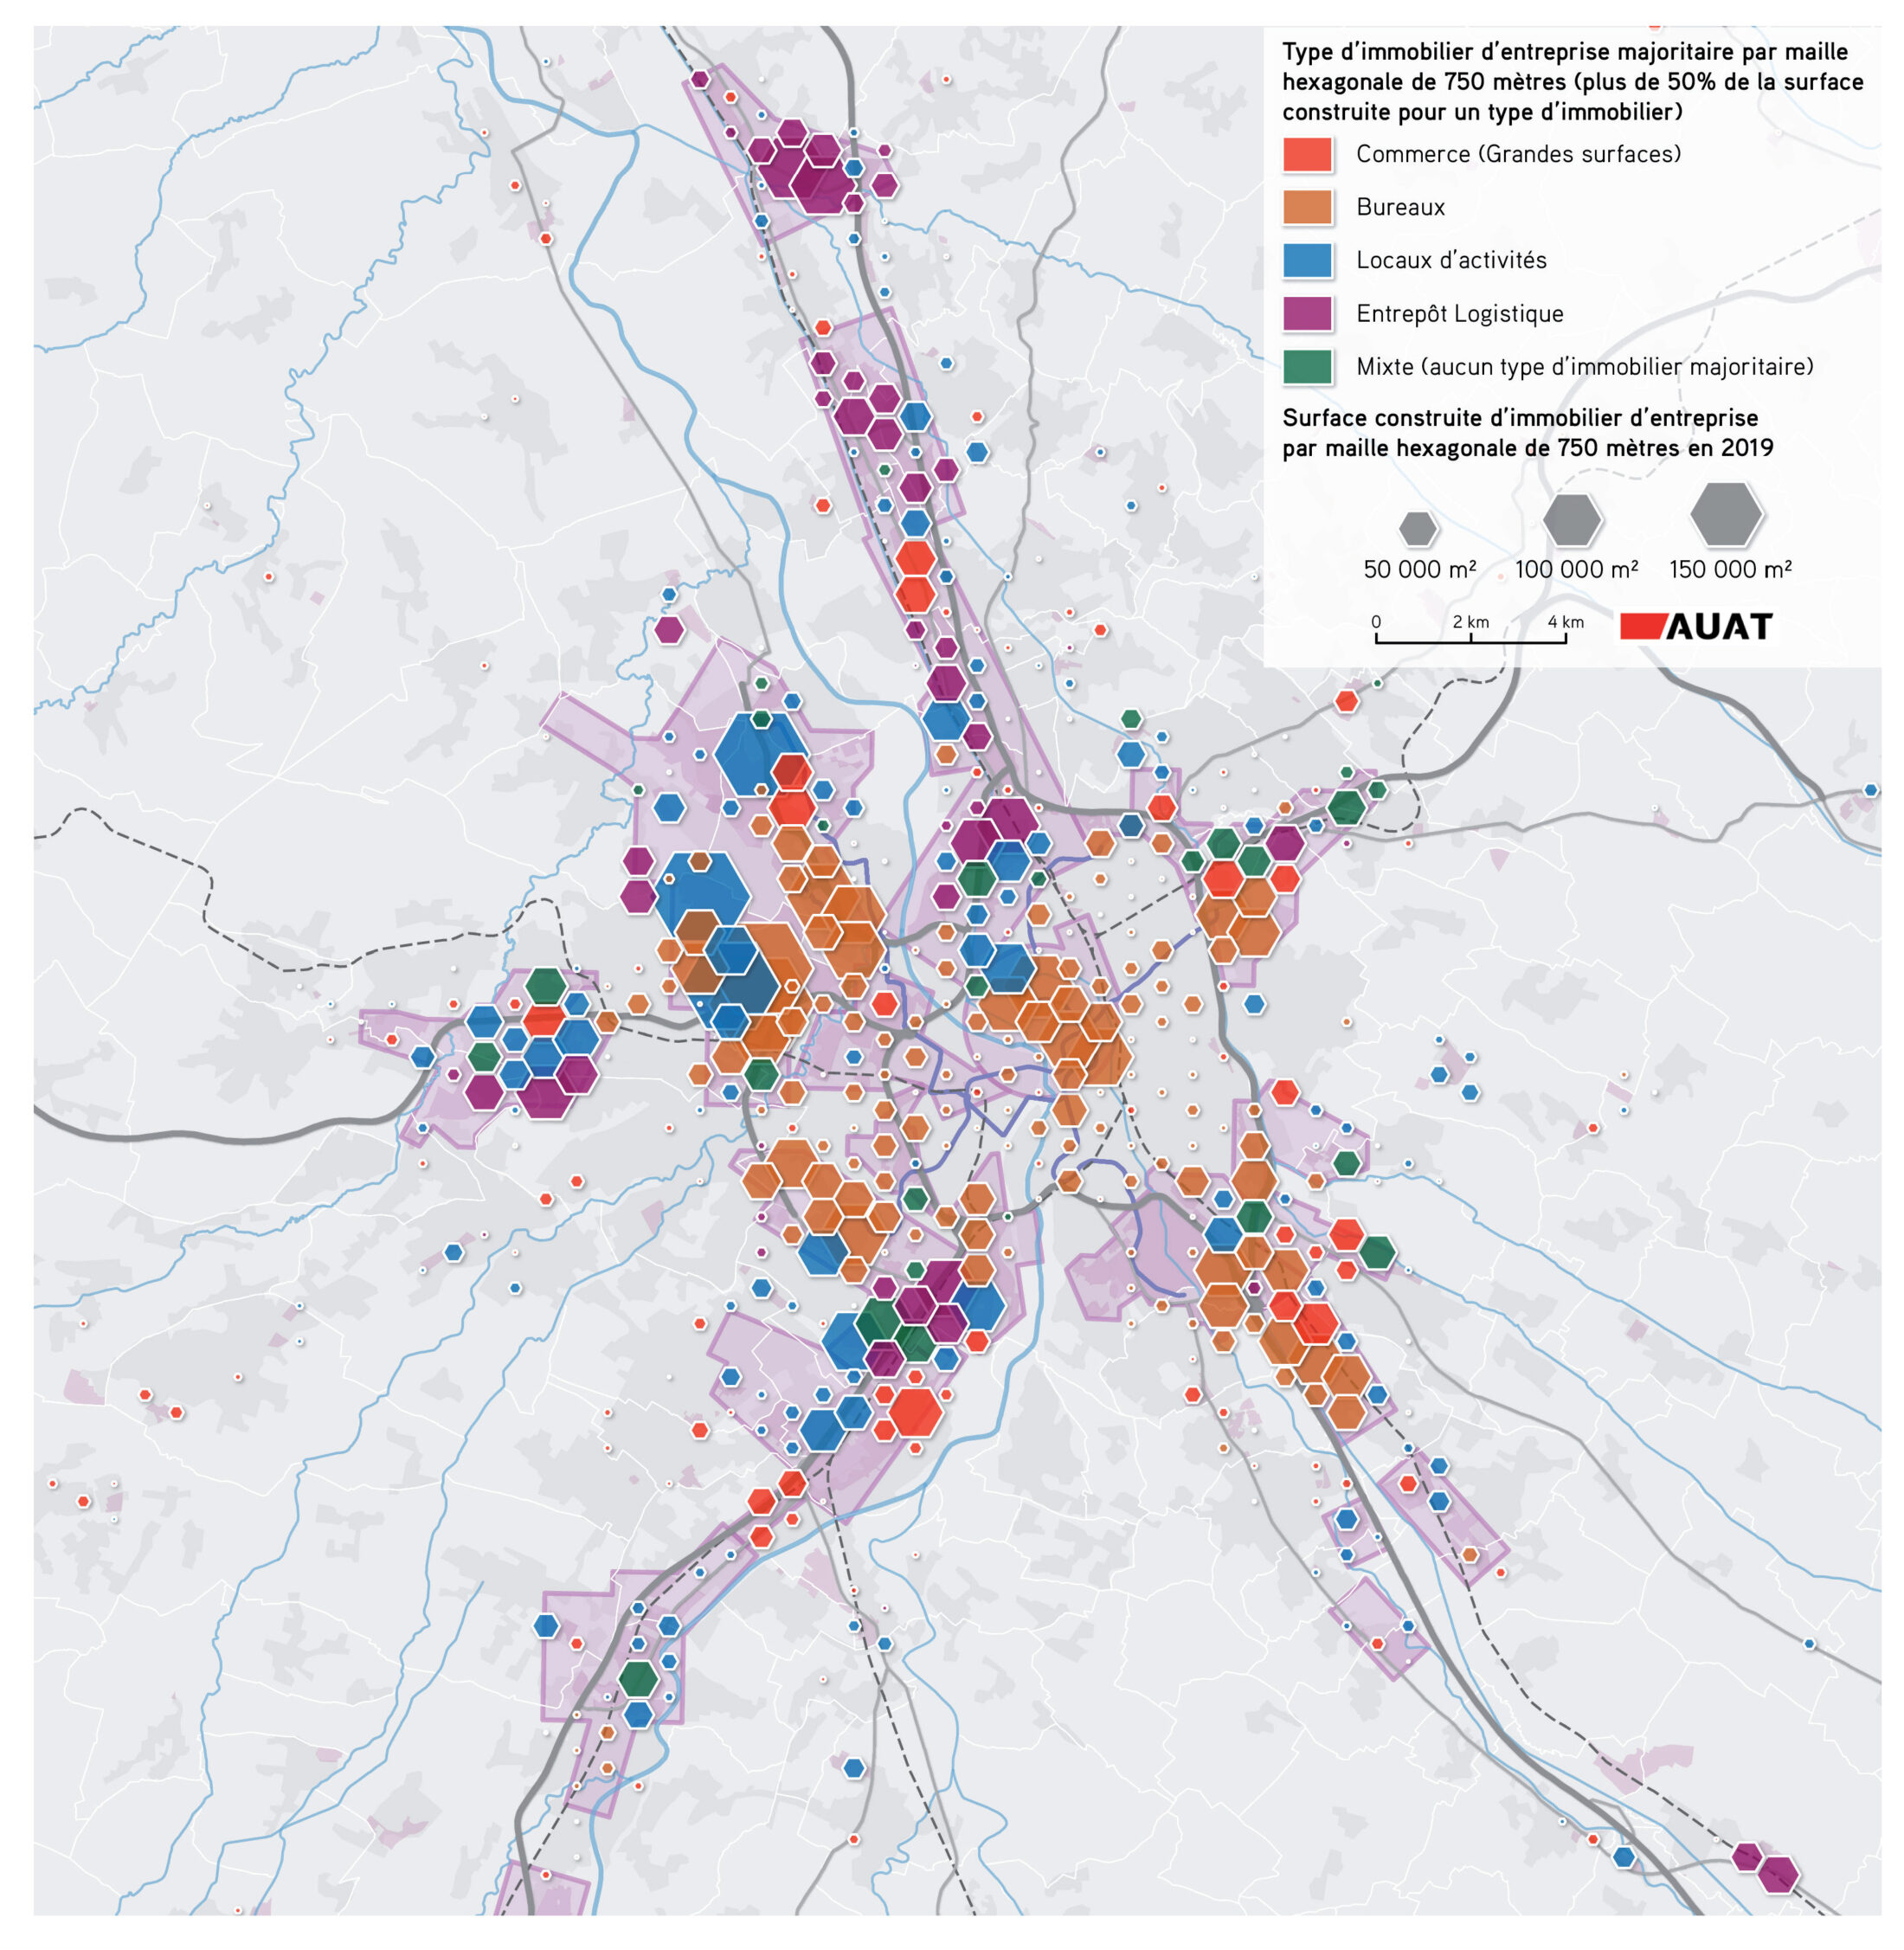 Carte du parc immobilier d'entreprise de l'aire de Toulouse